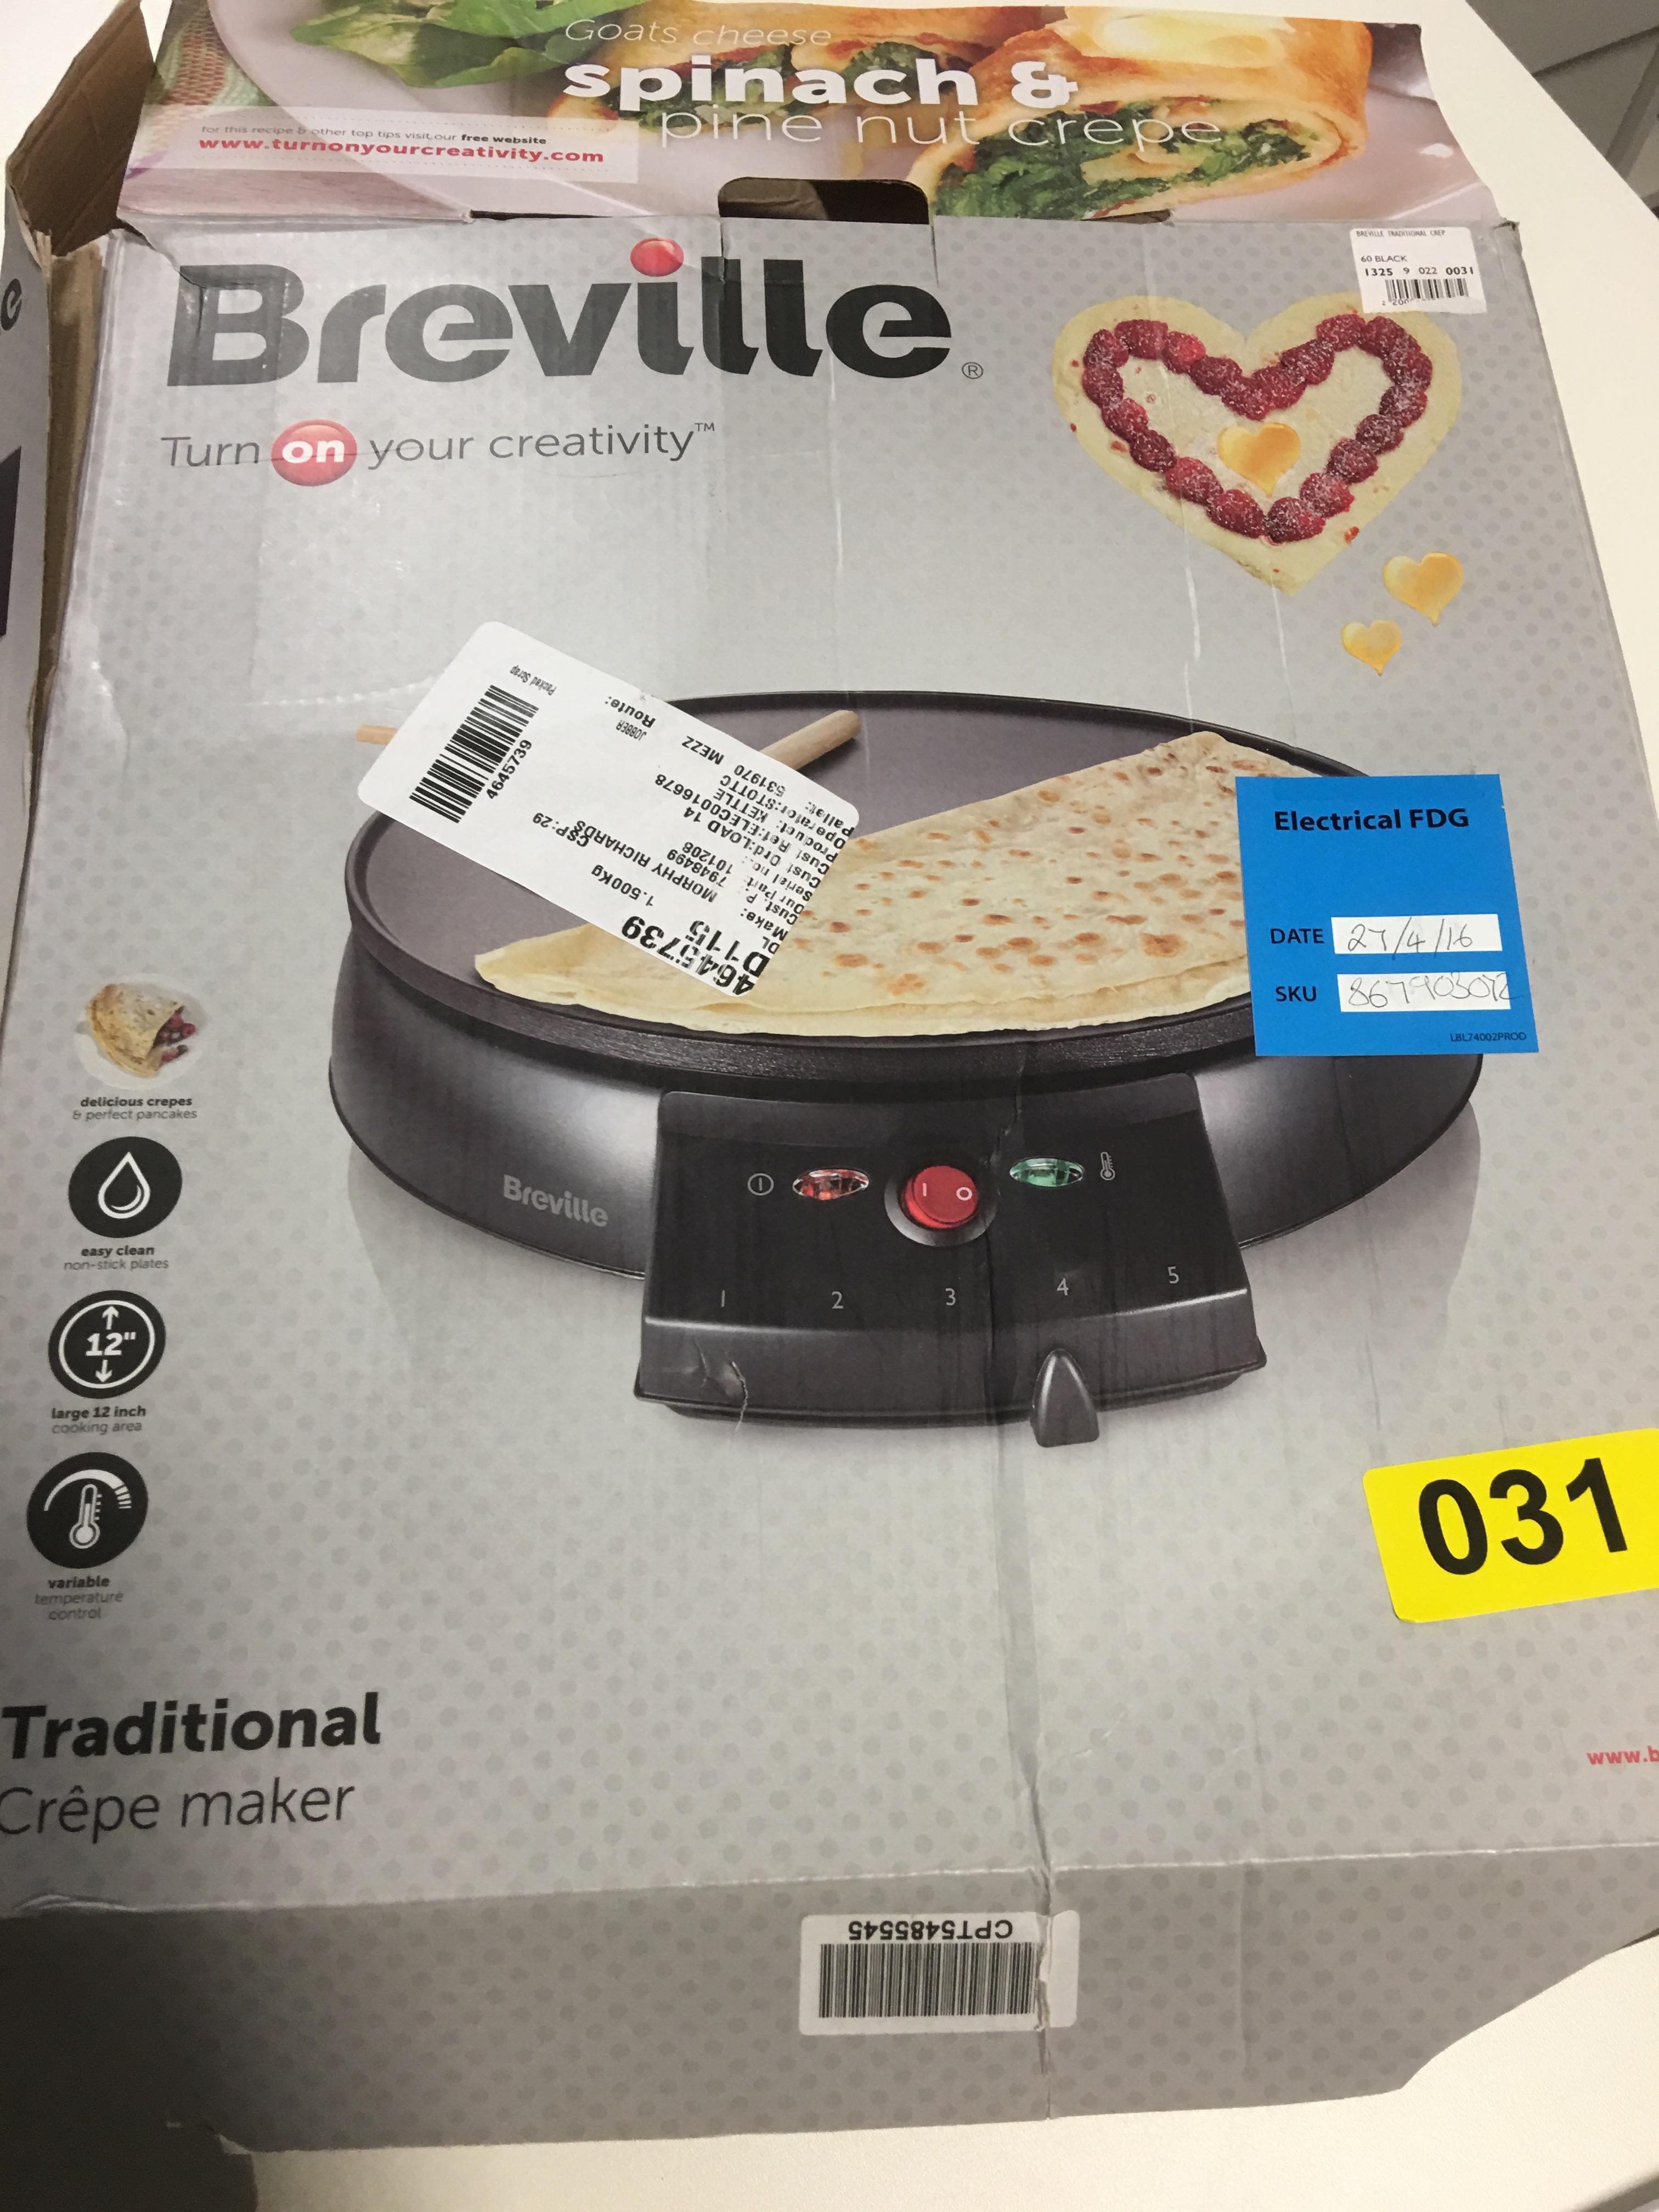 Lot 50 - Breville Crepe Maker - Y31